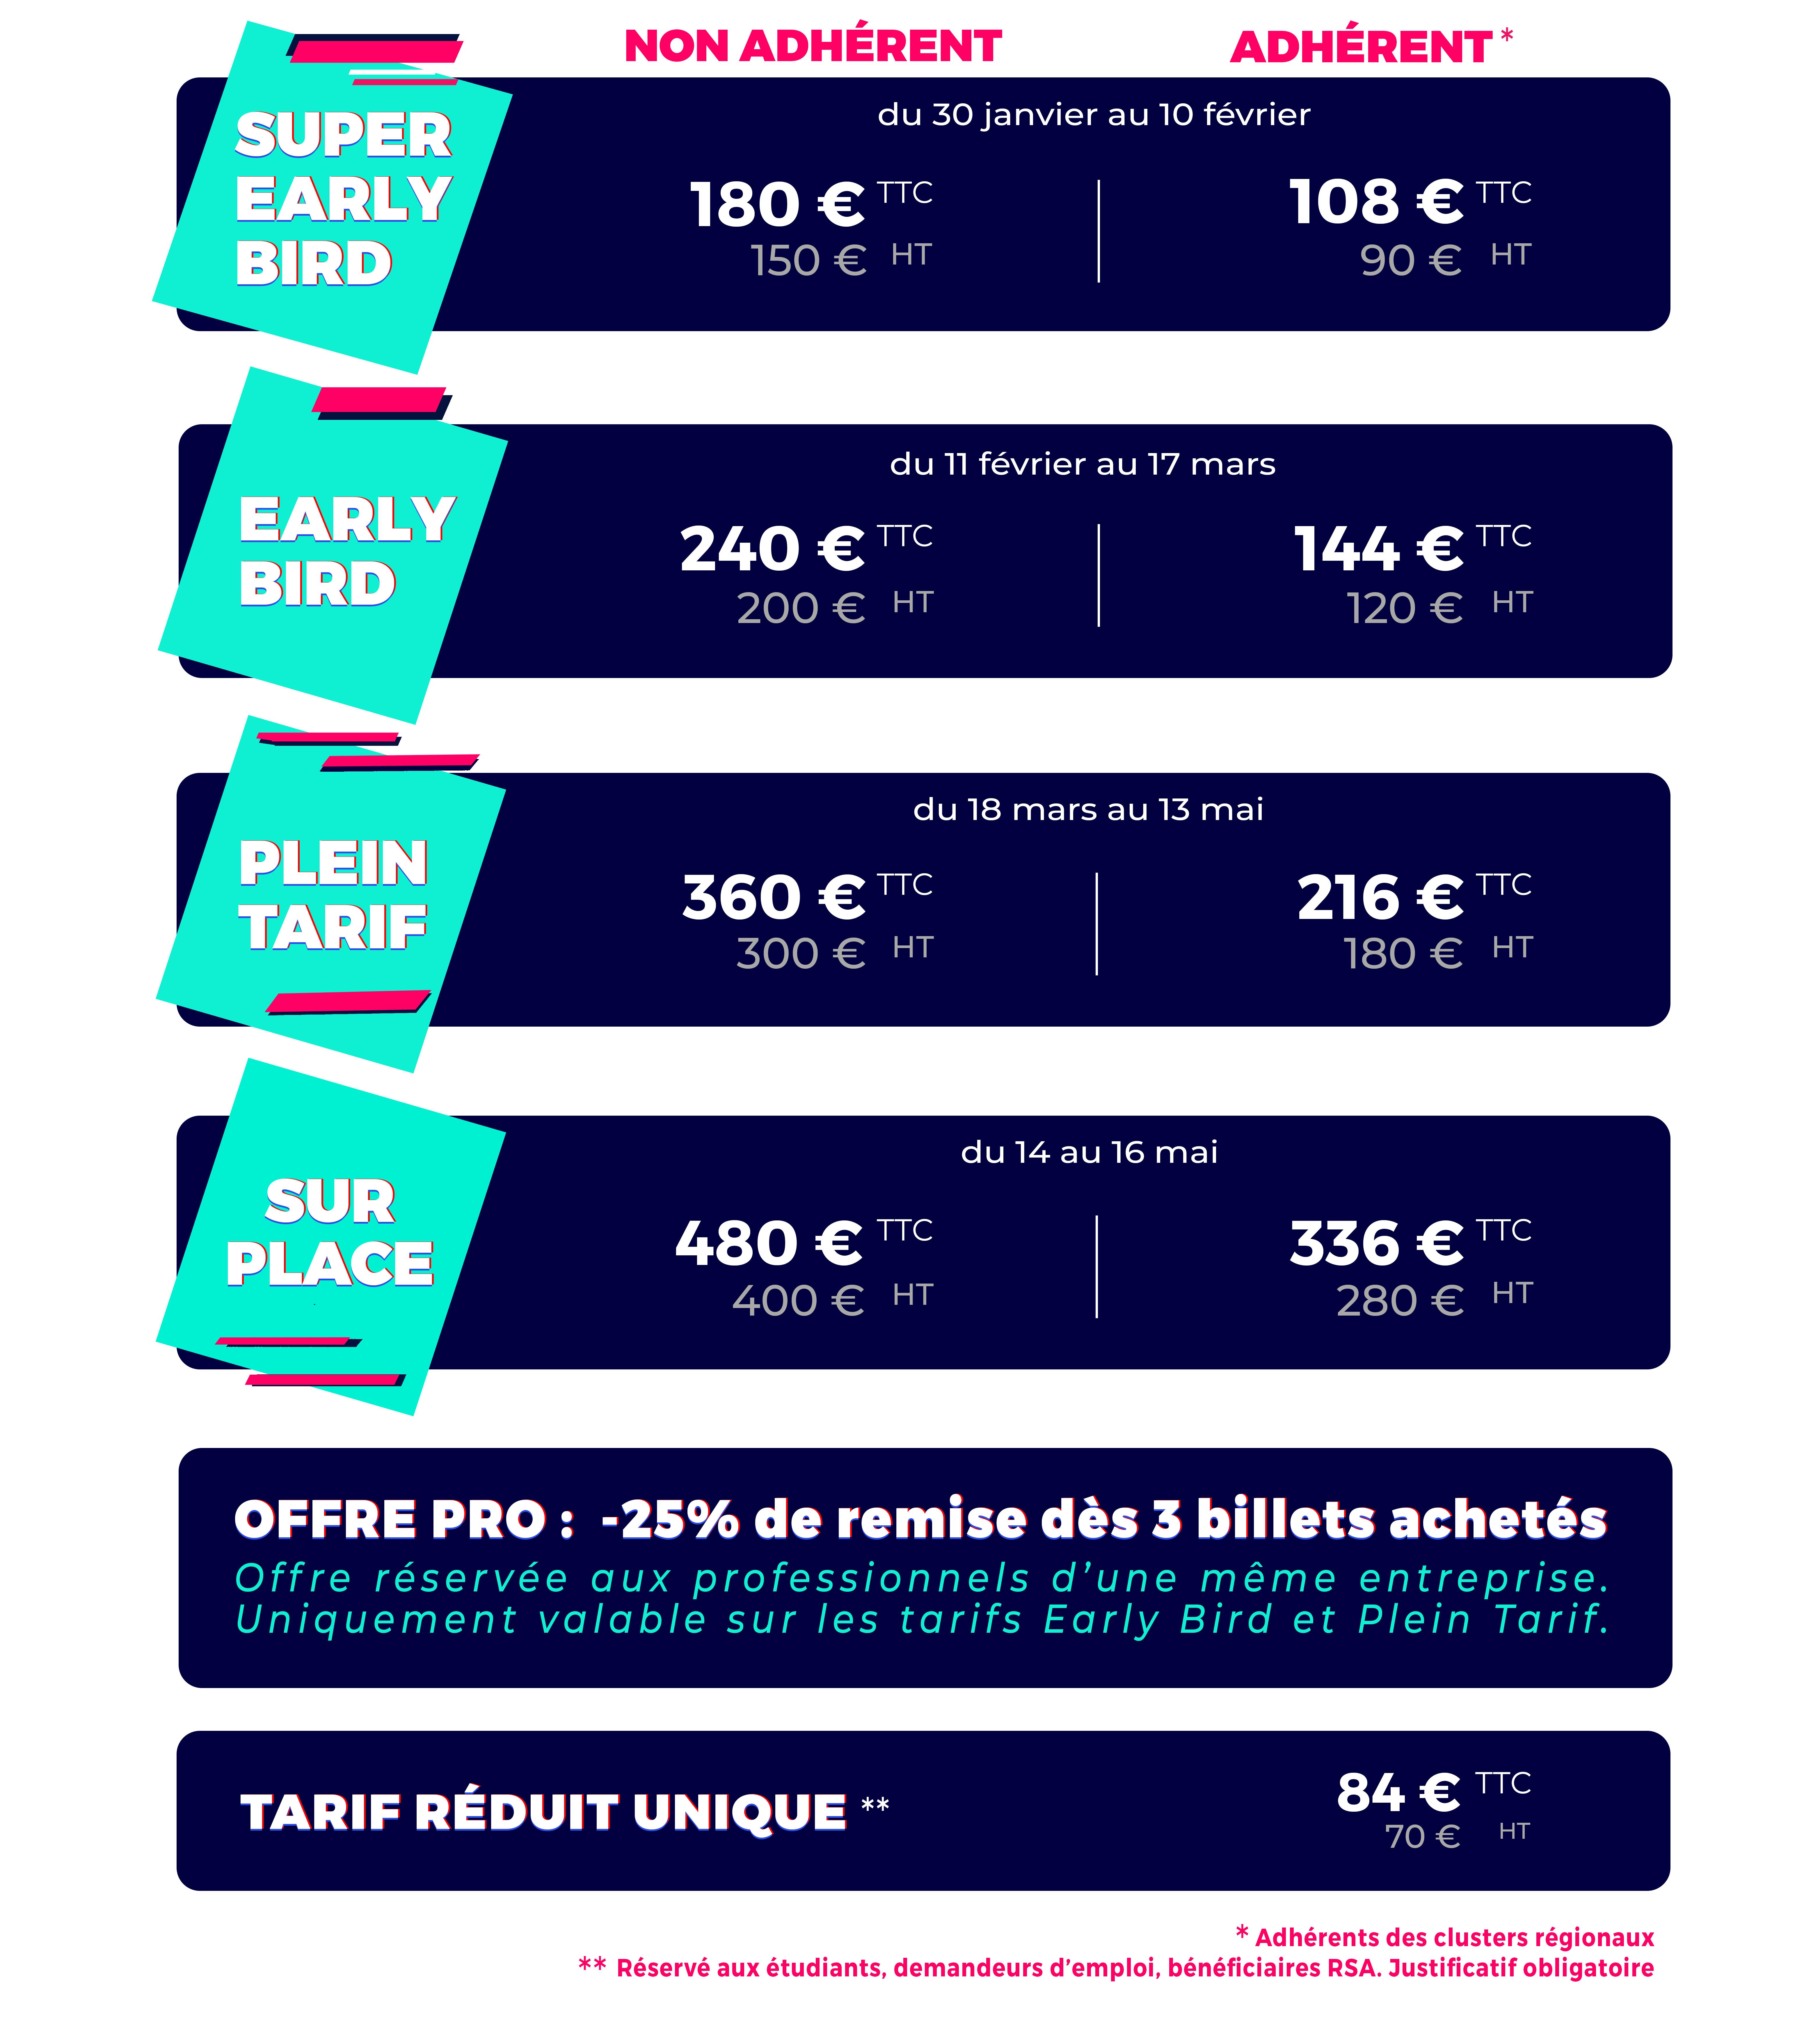 tarifs ADDON 2019